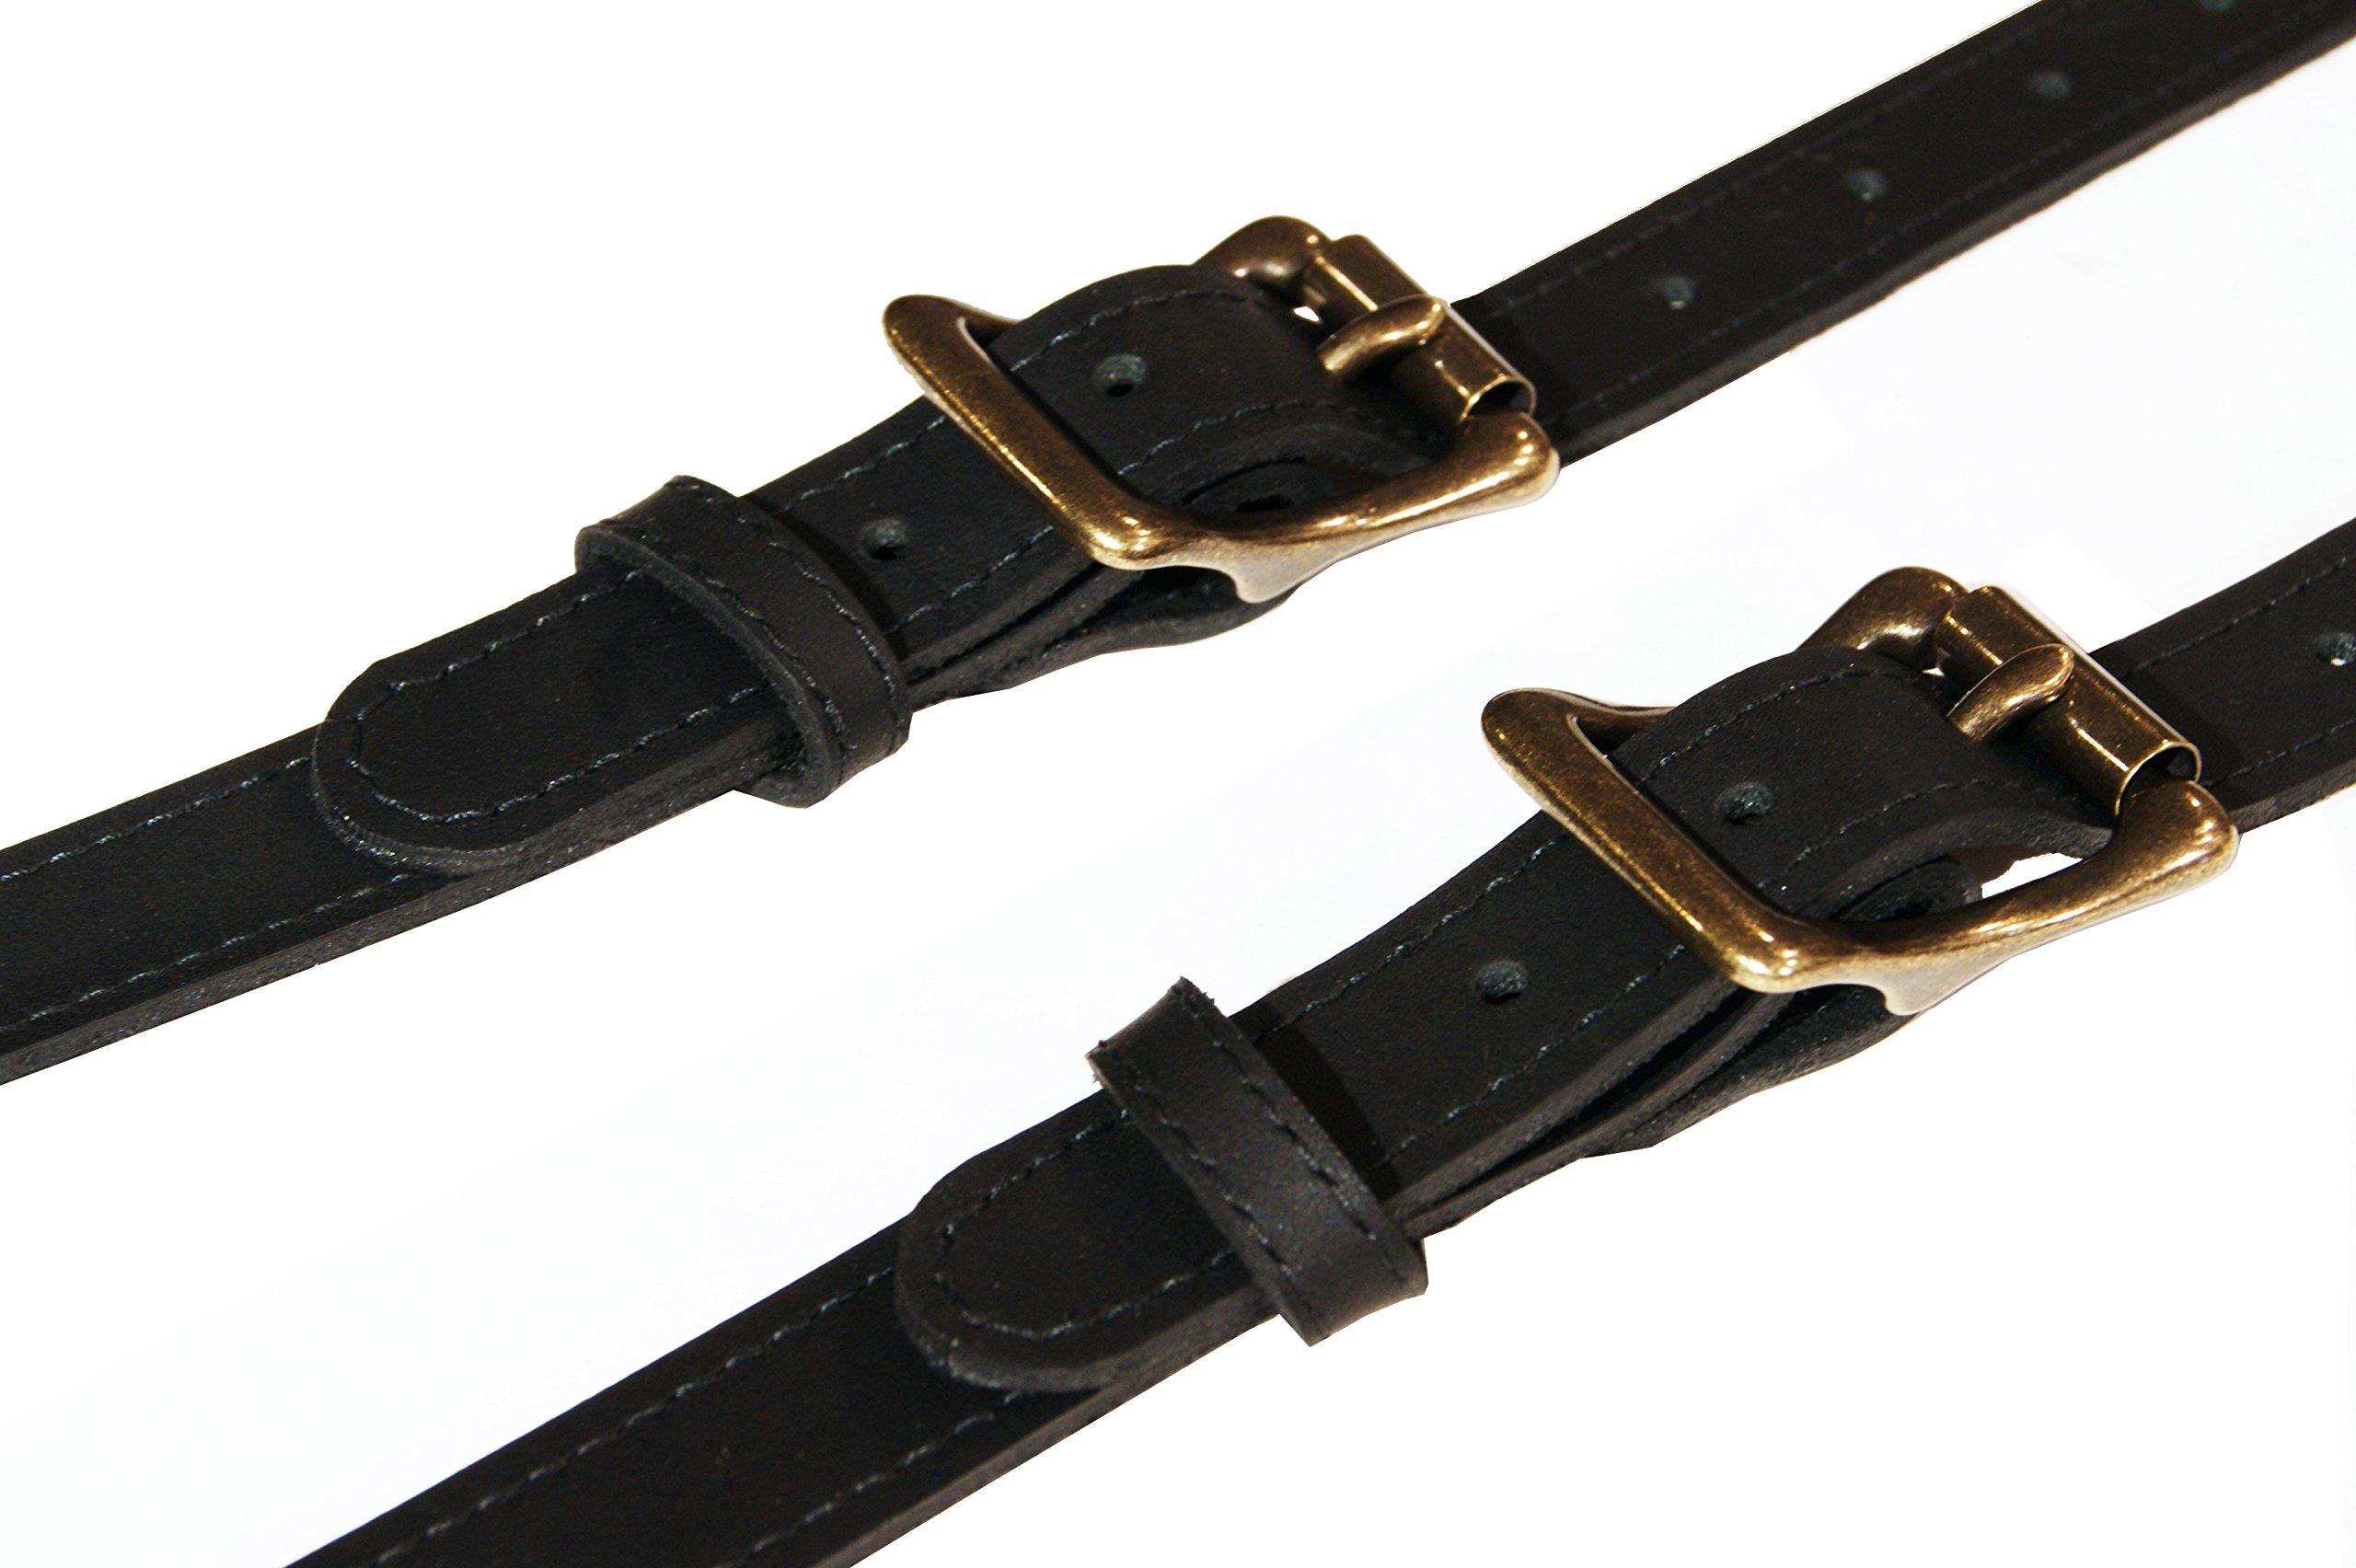 Project Transaction Men's Leather Suspenders XL Black/Antique Buttonholes by Project Transaction (Image #3)